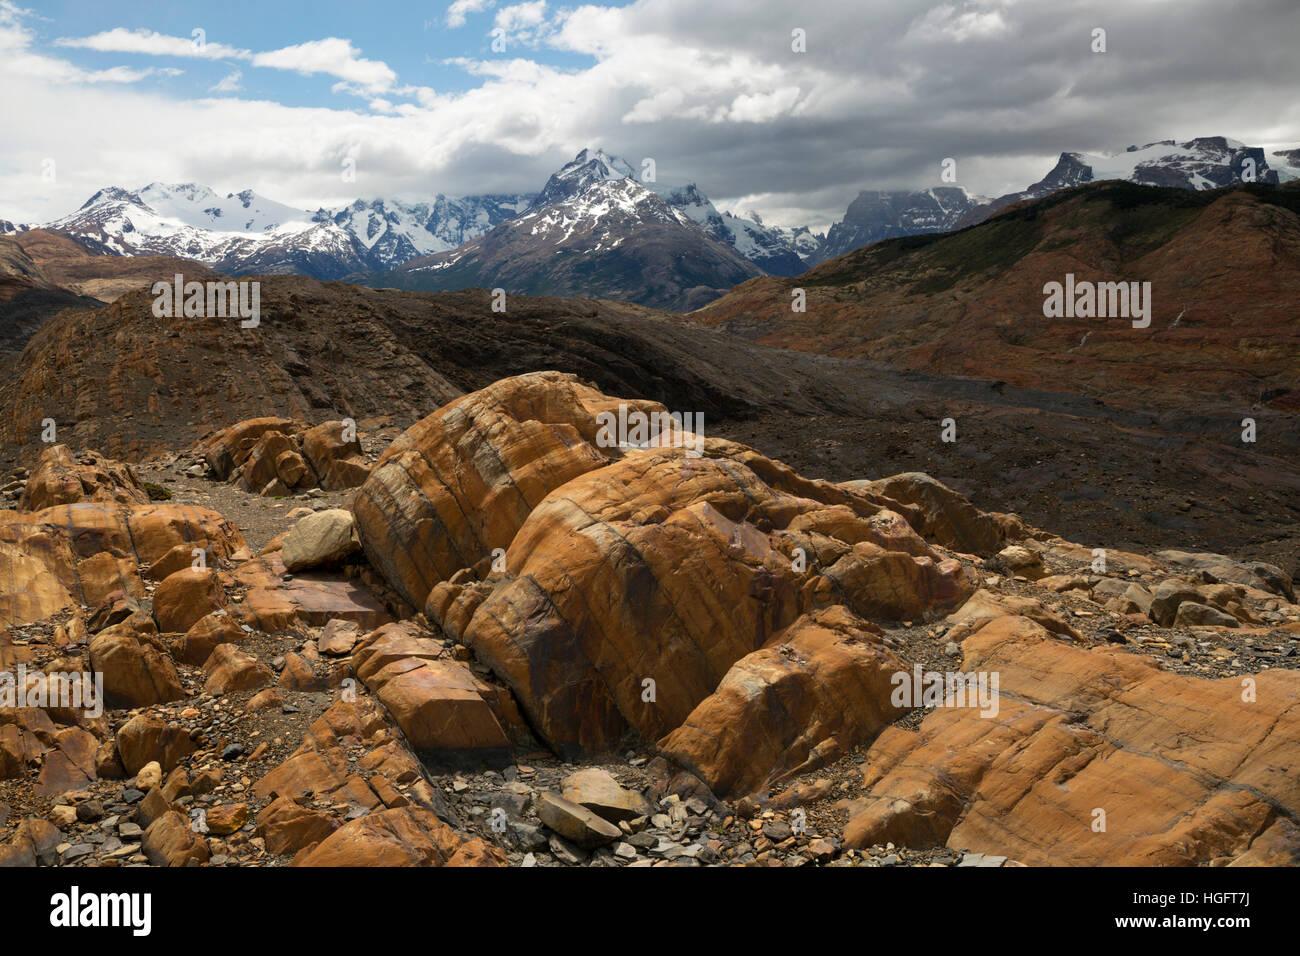 Rocas Rojas y de los Andes, la Estancia Cristina, Lago Argentino, El Calafate, Parque Nacional Los Glaciares, Patagonia Foto de stock